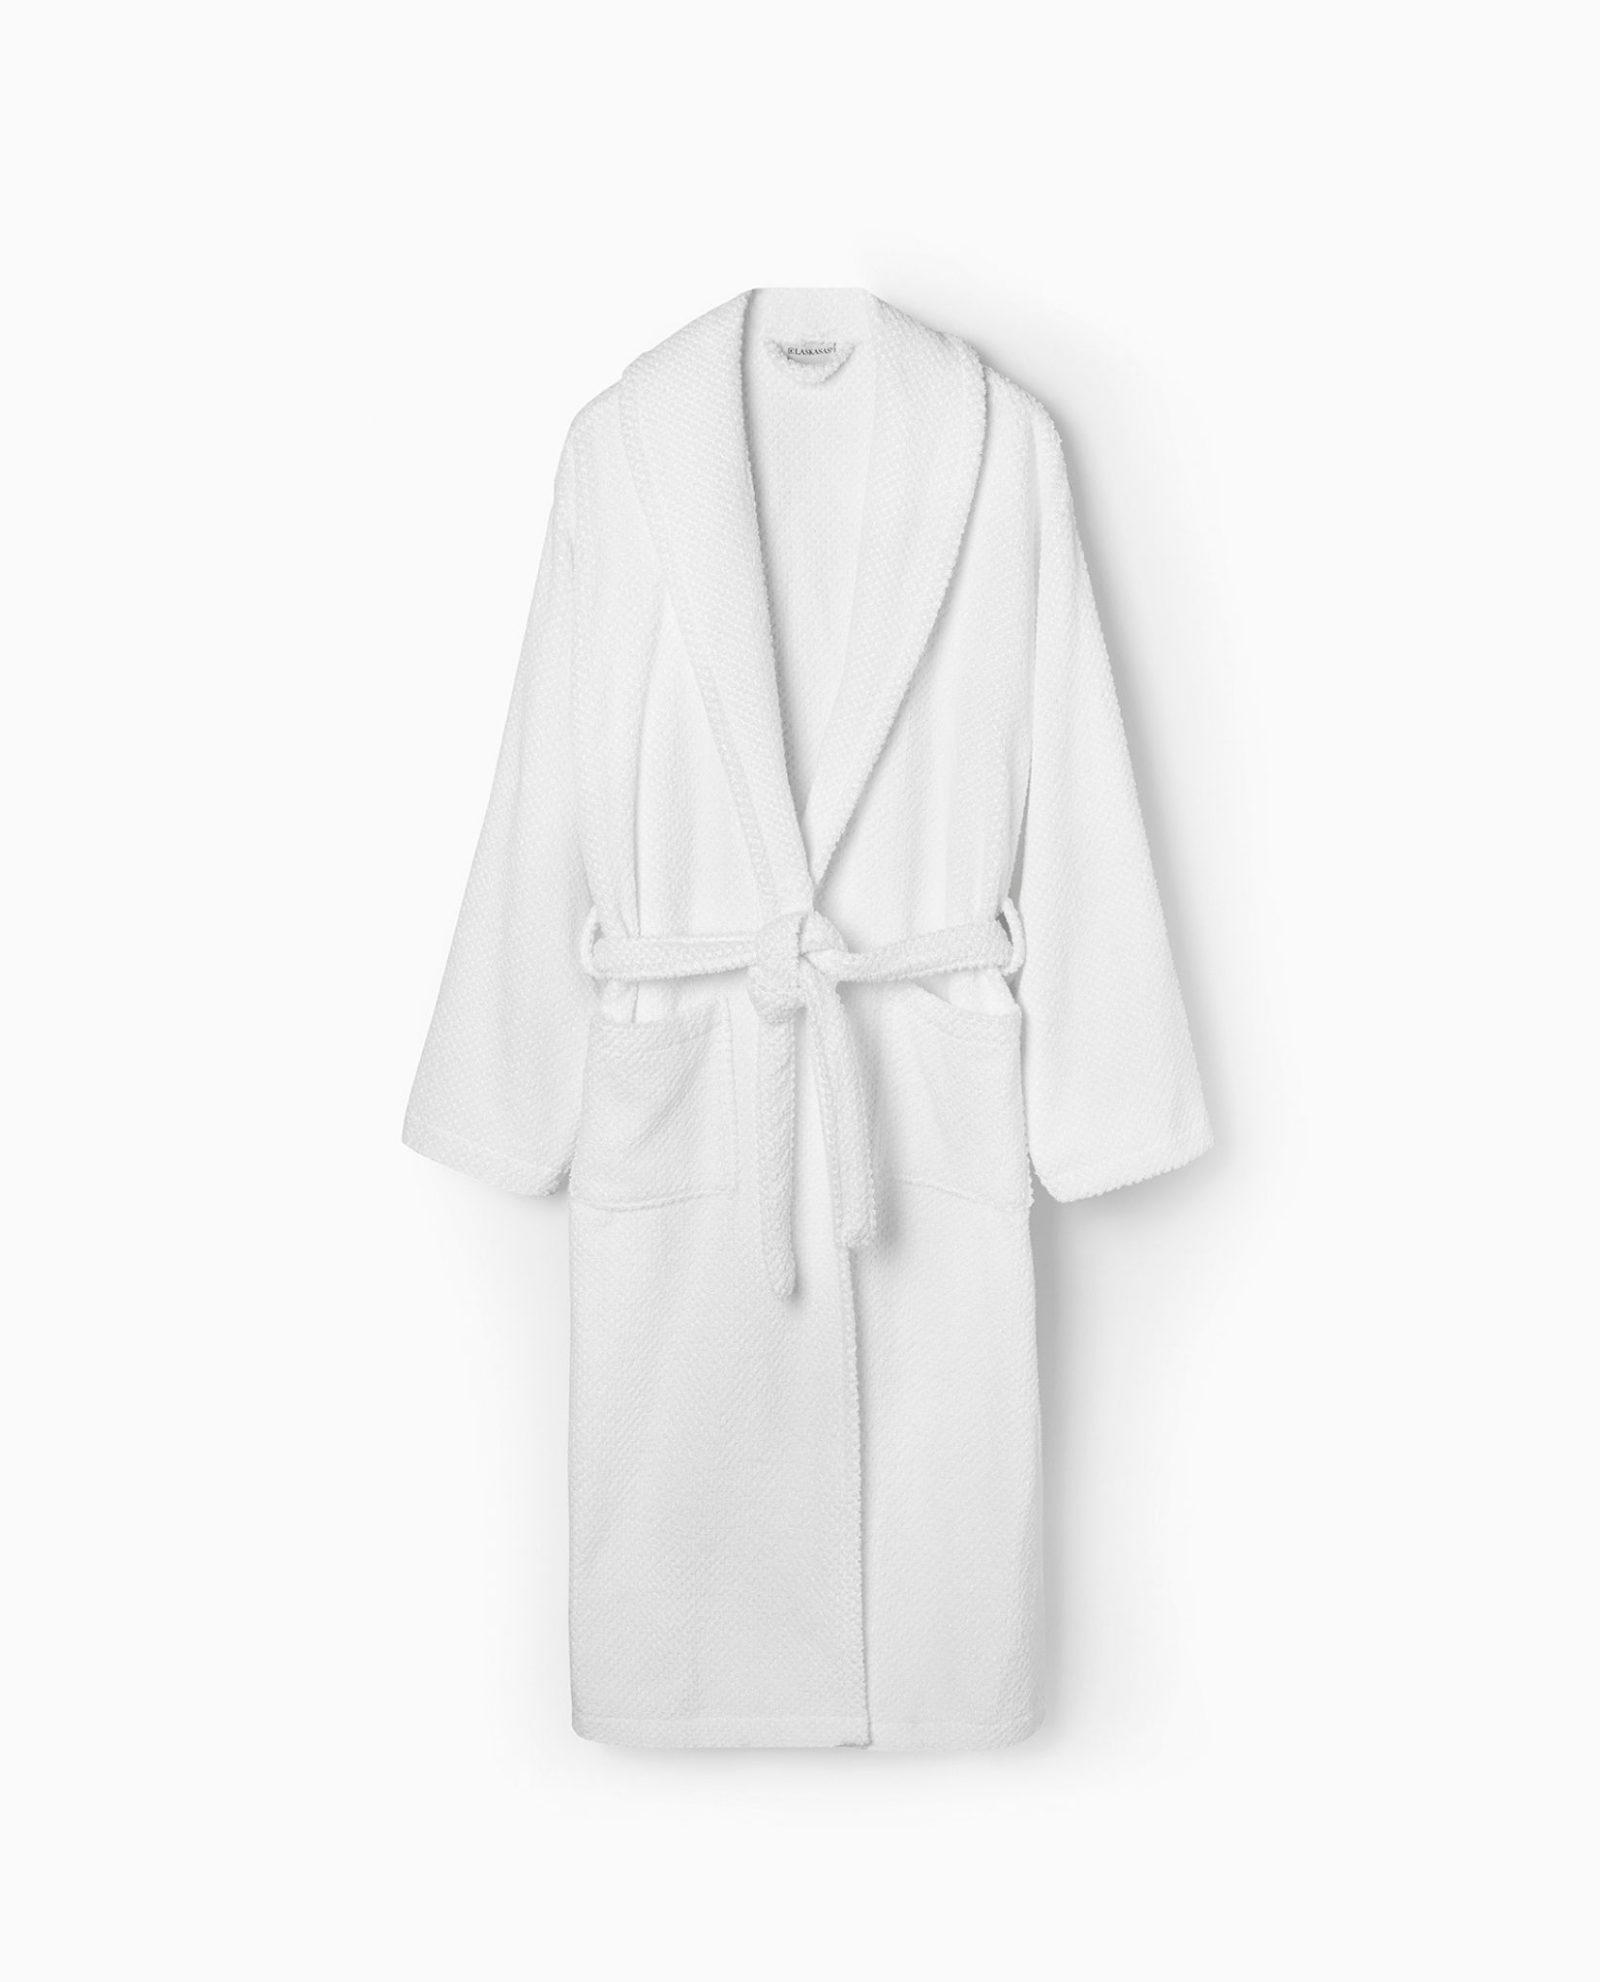 roupão 100% algodão em branco